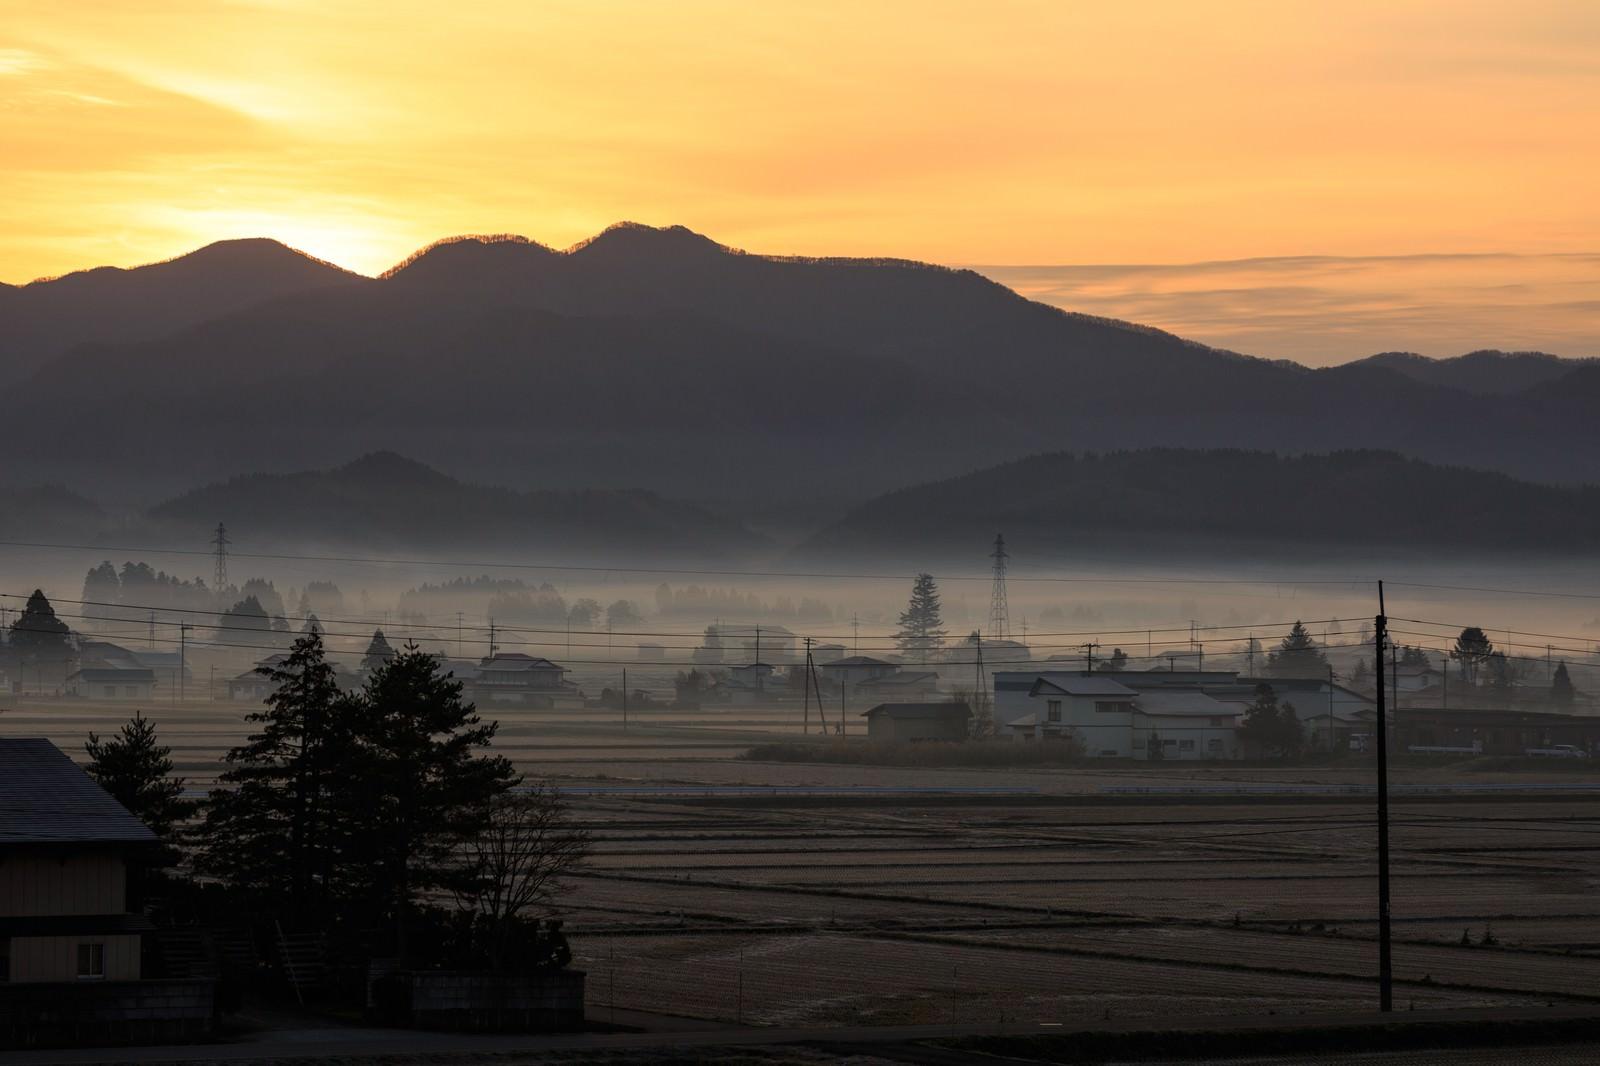 「田舎の夜明け田舎の夜明け」のフリー写真素材を拡大